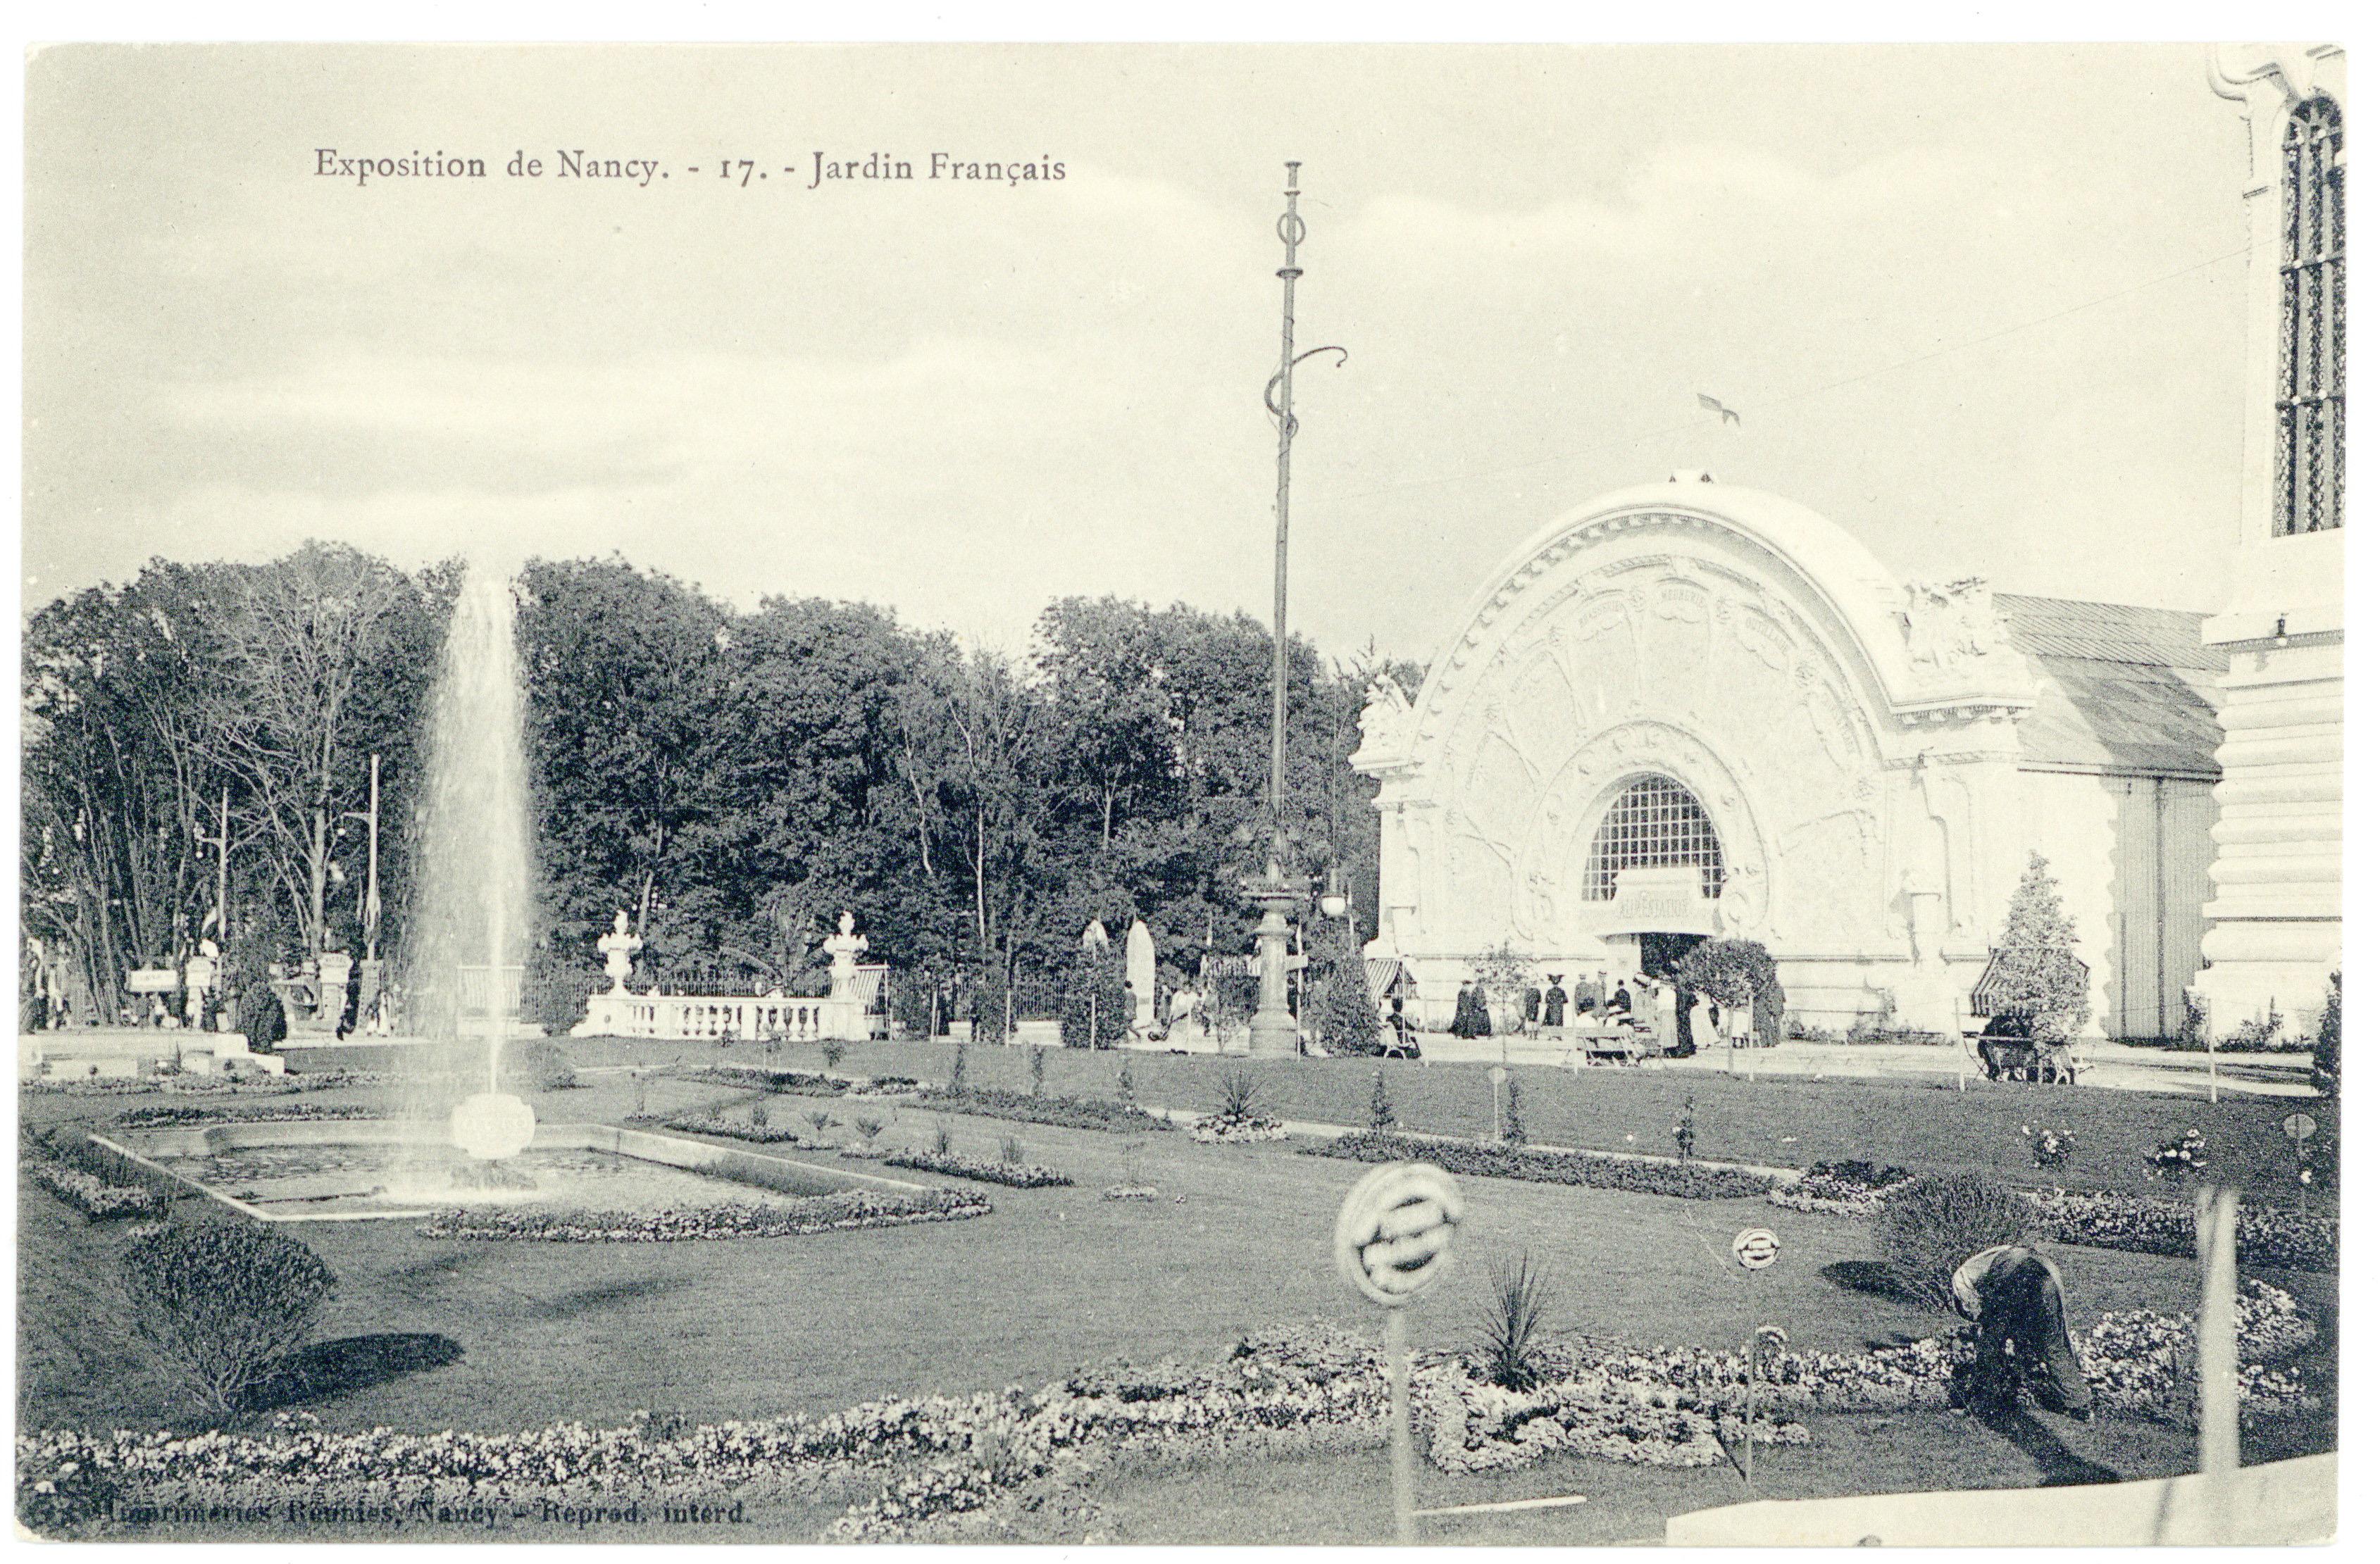 Contenu du Jardin français : exposition de Nancy